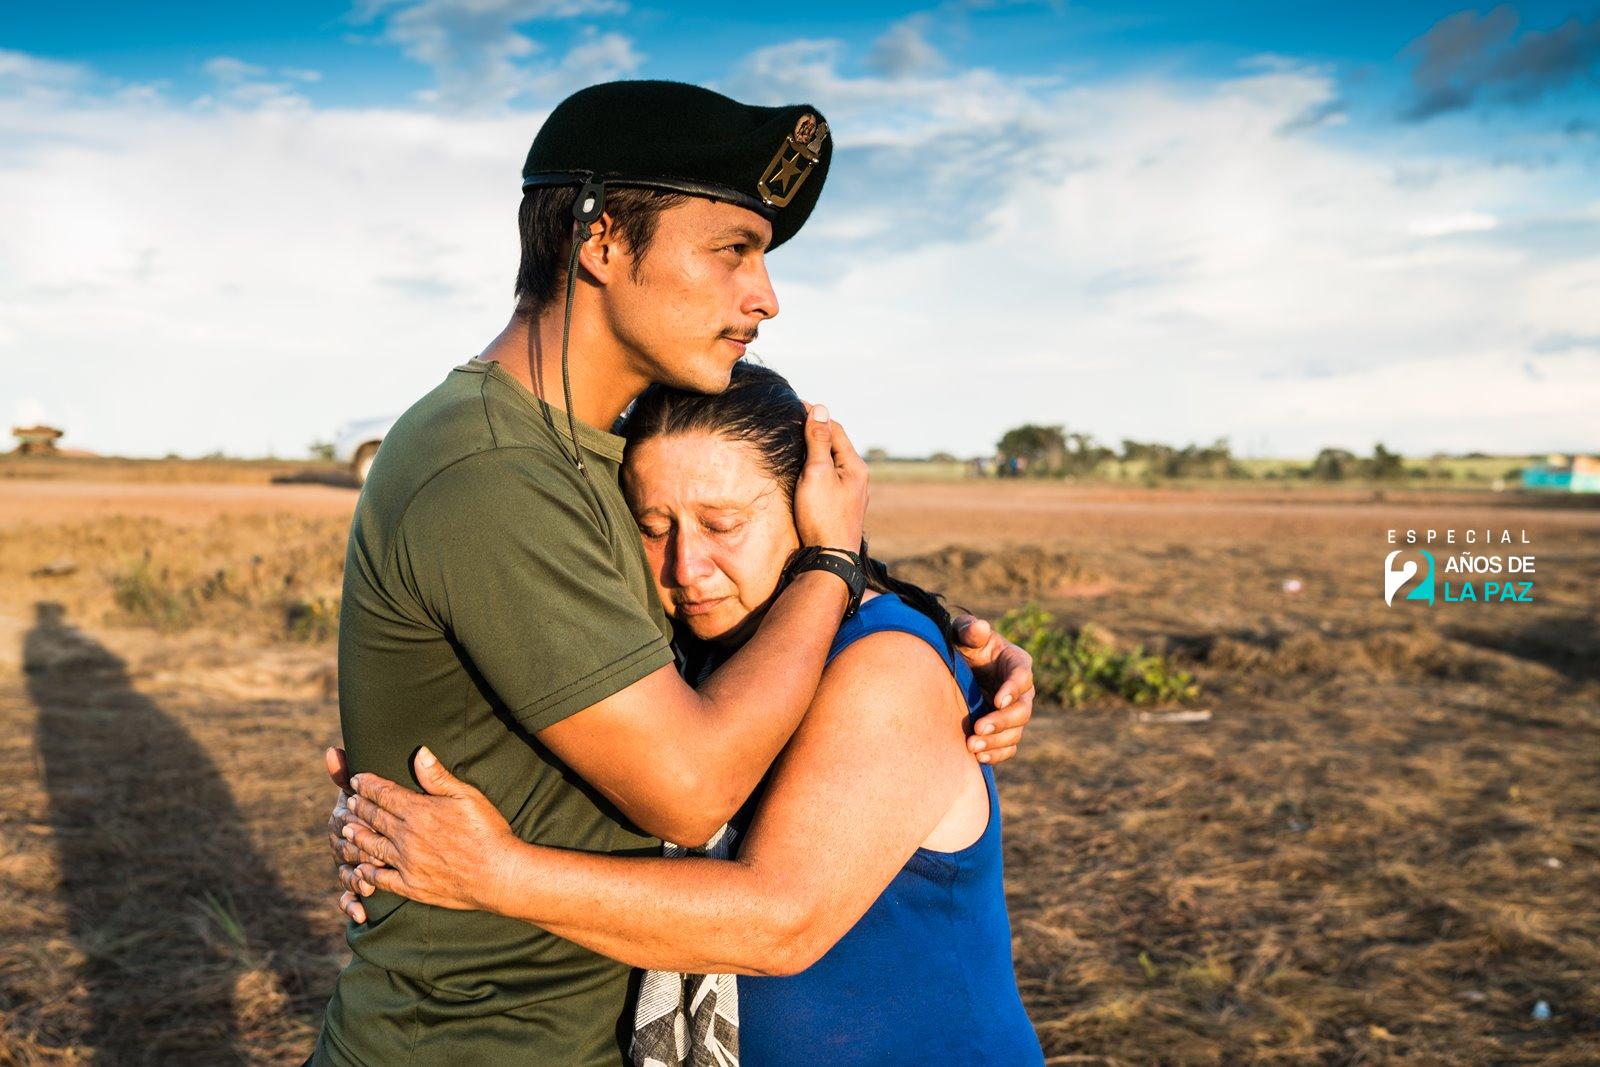 Fotorreportaje | De la selva a la vida civil: la transición del Bloque Sur de las Farc